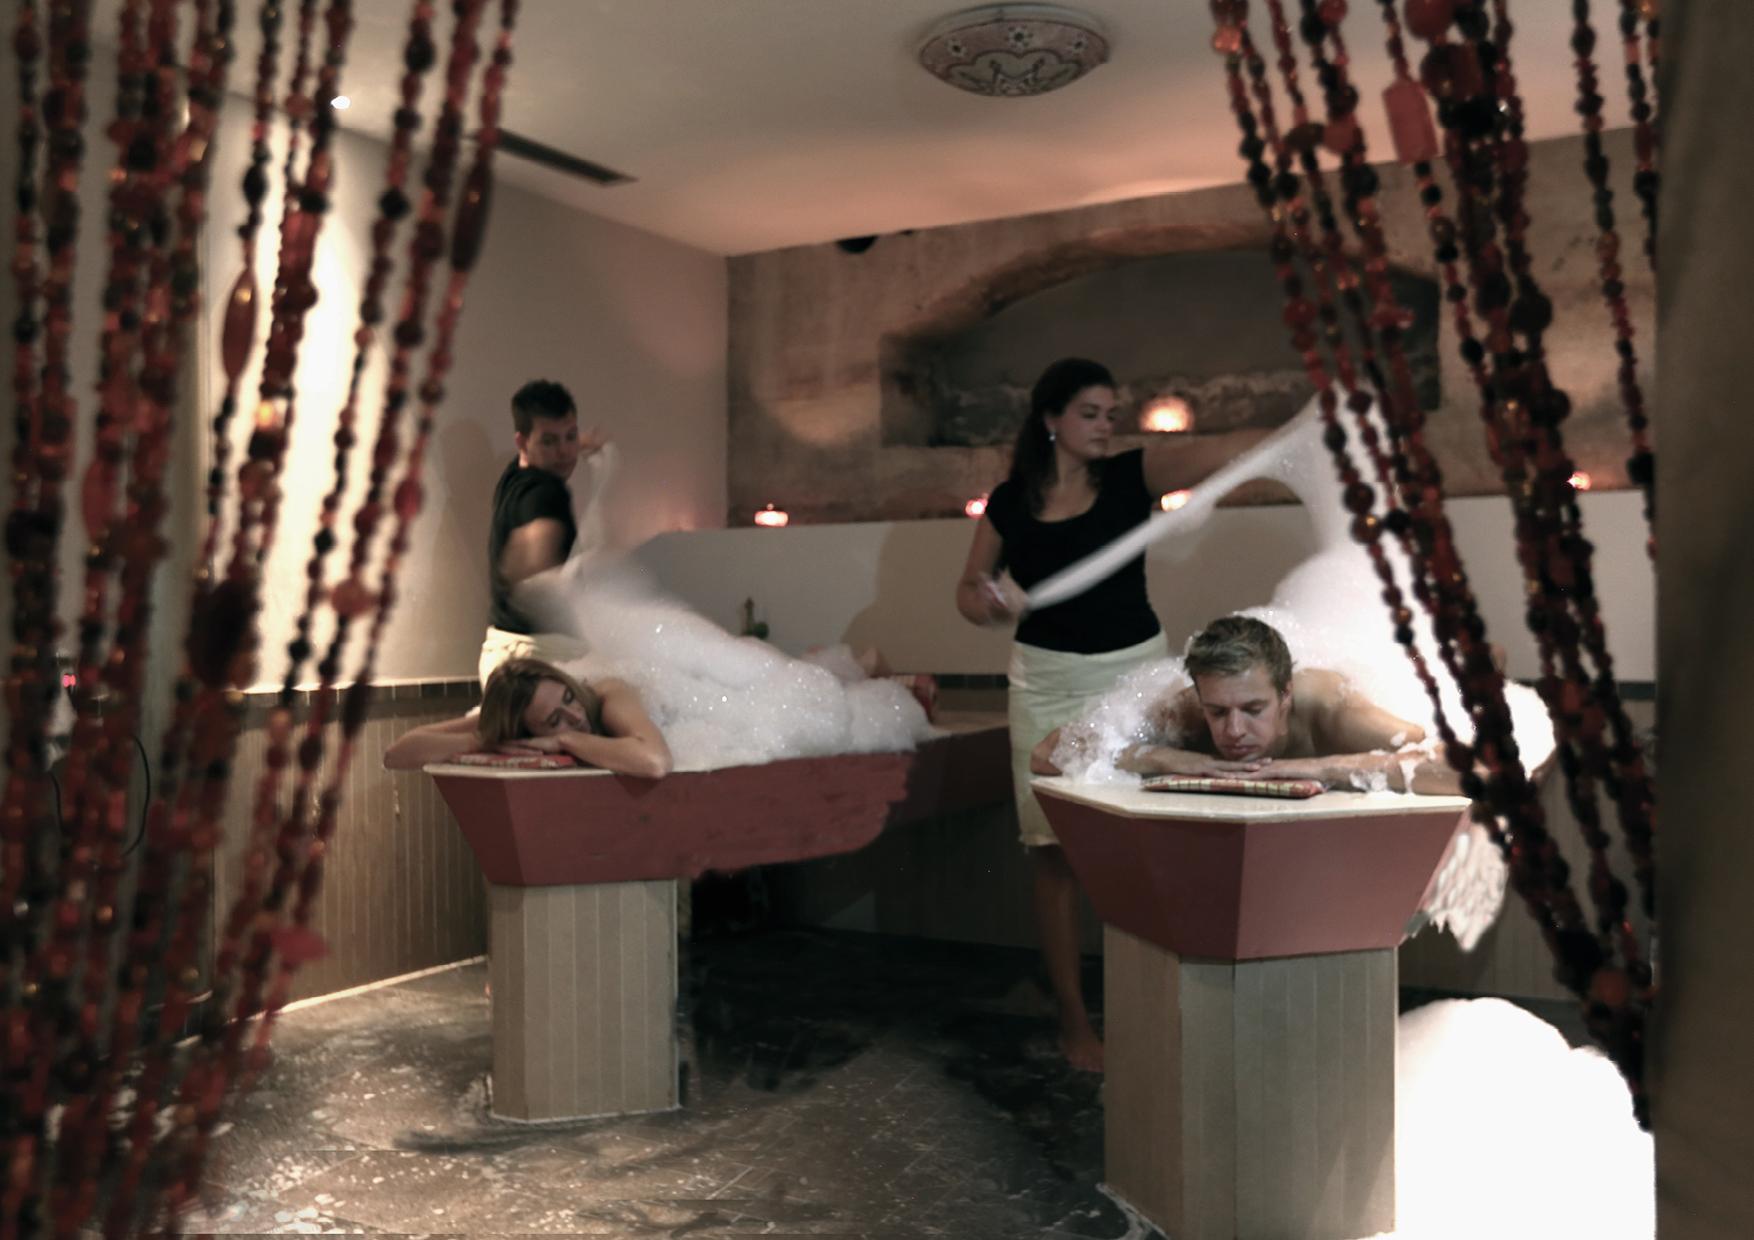 In de luxe spa van Fort Resort Beemster is een duo hammam ruimten, zodat de gasten tegelijk van dit fijne ritueel kunnen genieten.